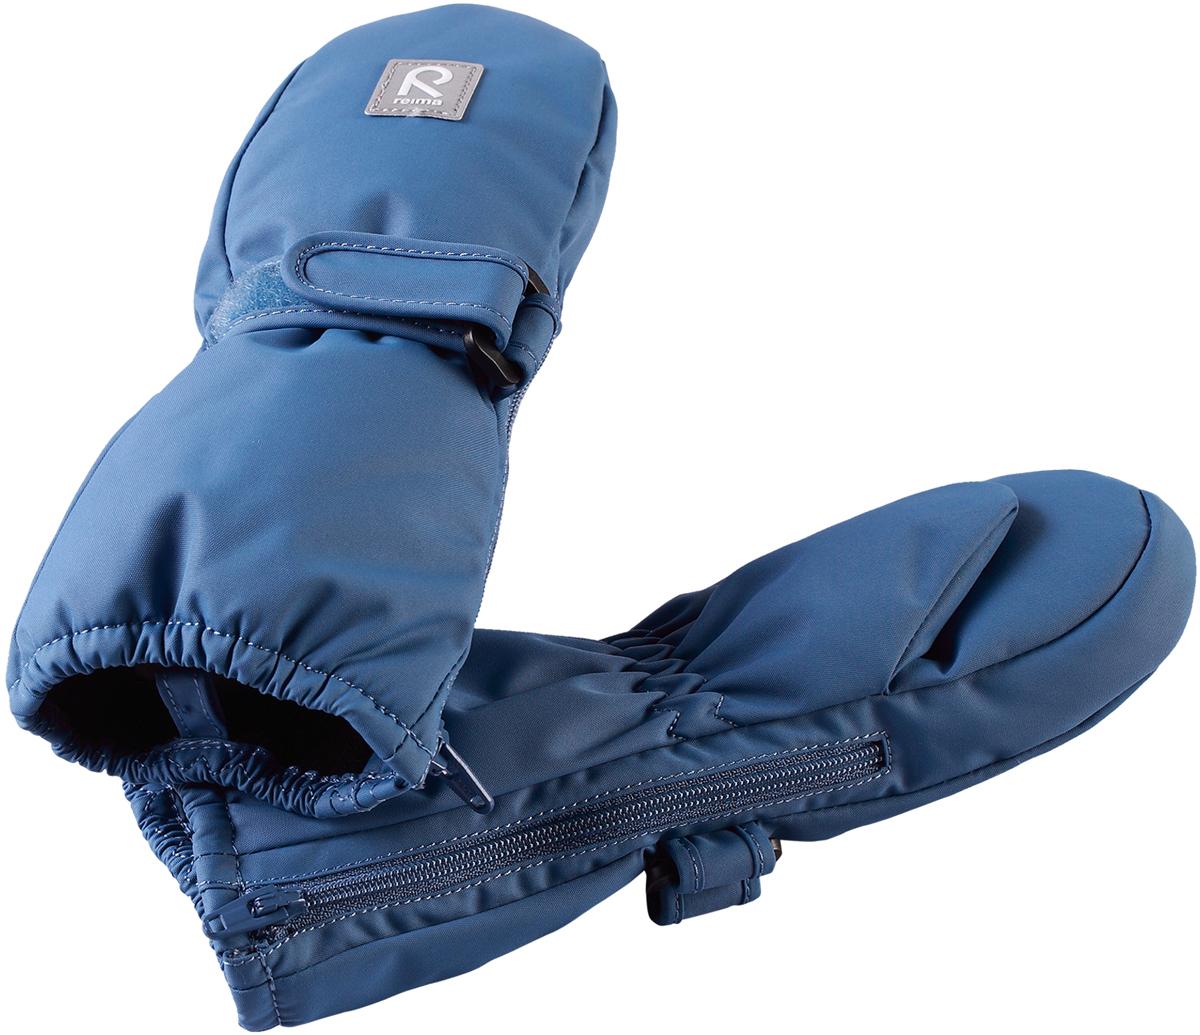 Варежки детские Reima Tassu, цвет: синий. 5171616740. Размер 25171616740Эти мягкие и удобные утепленные варежки для малышей пользуются неизменным успехом. Зимние варежки изготовлены из водо- и ветронепроницаемого, дышащего материала с водо- и грязеотталкивающей поверхностью. В этих варежках нет водонепроницаемой мембраны, поэтому они могут промокать. Утепленная модель отлично подойдет для сухой морозной зимней поры, а для дополнительного утепления и комфорта в сильную стужу рекомендуется поддевать под них теплые шерстяные варежки. Благодаря молнии, эти варежки легко надеть на ручки, а мягкая трикотажная подкладка из полиэстера очень приятна на ощупь.Средняя степень утепления.